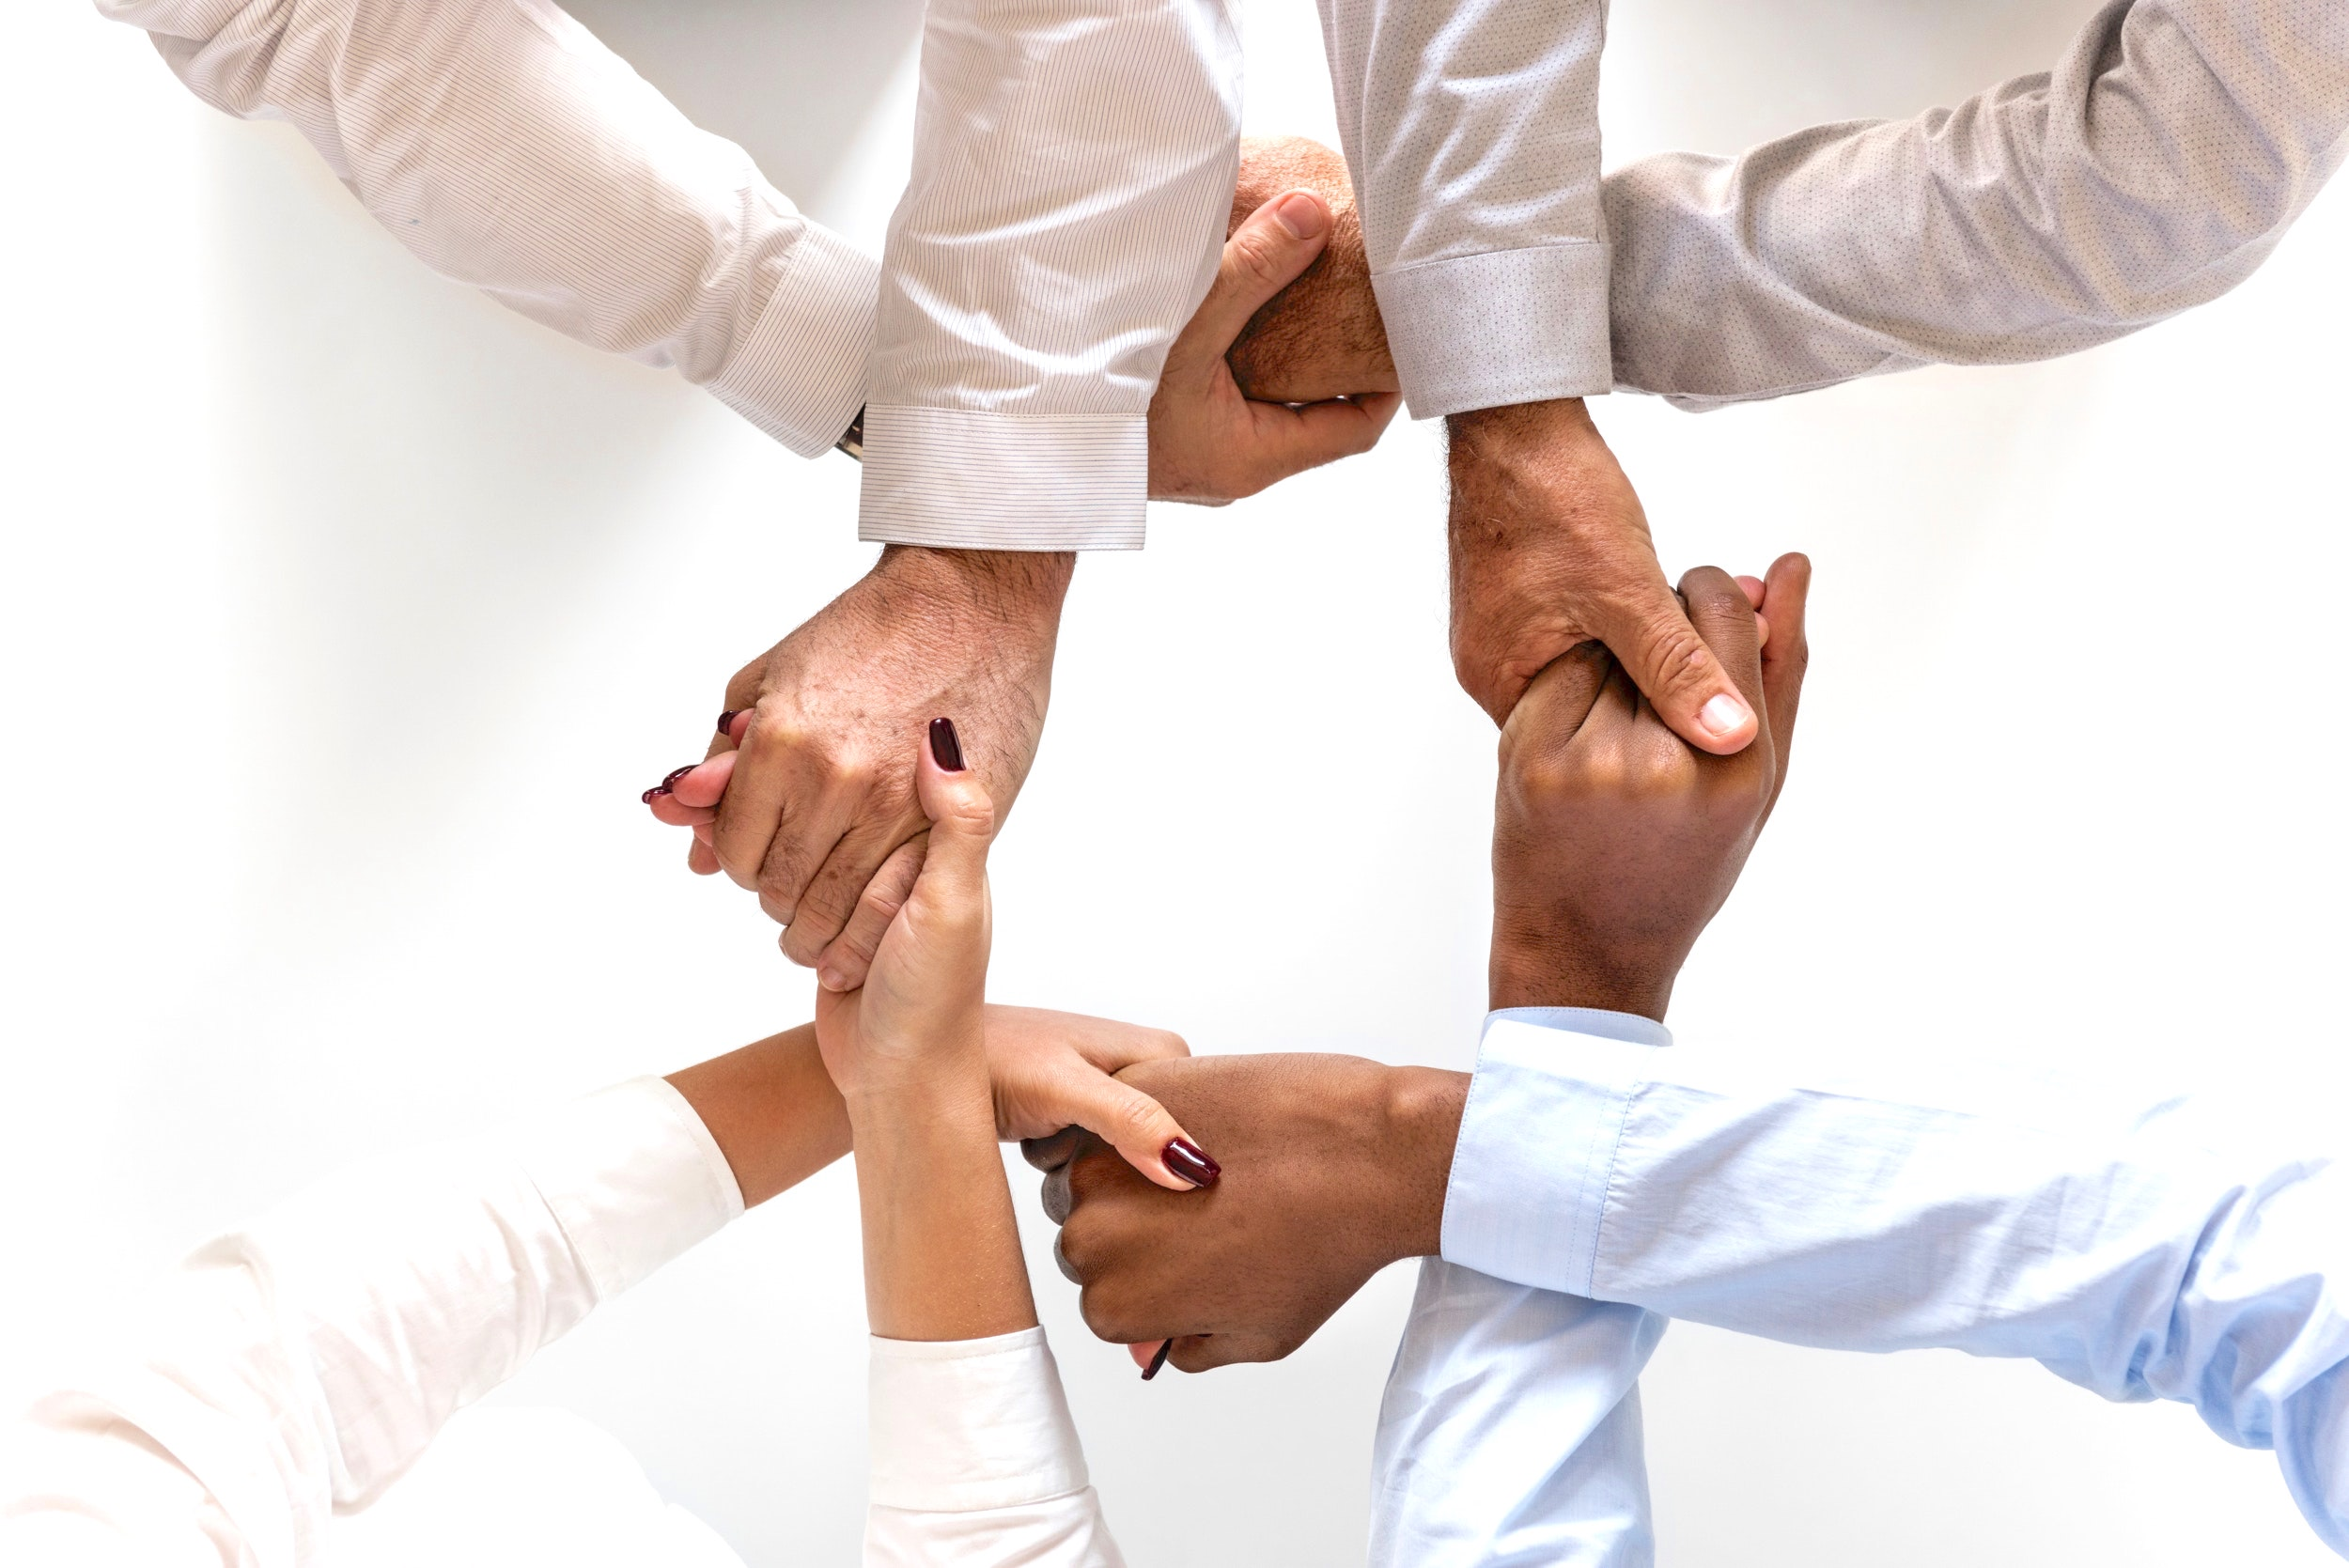 Cooperativas de trabajo: todo lo que necesitas saber